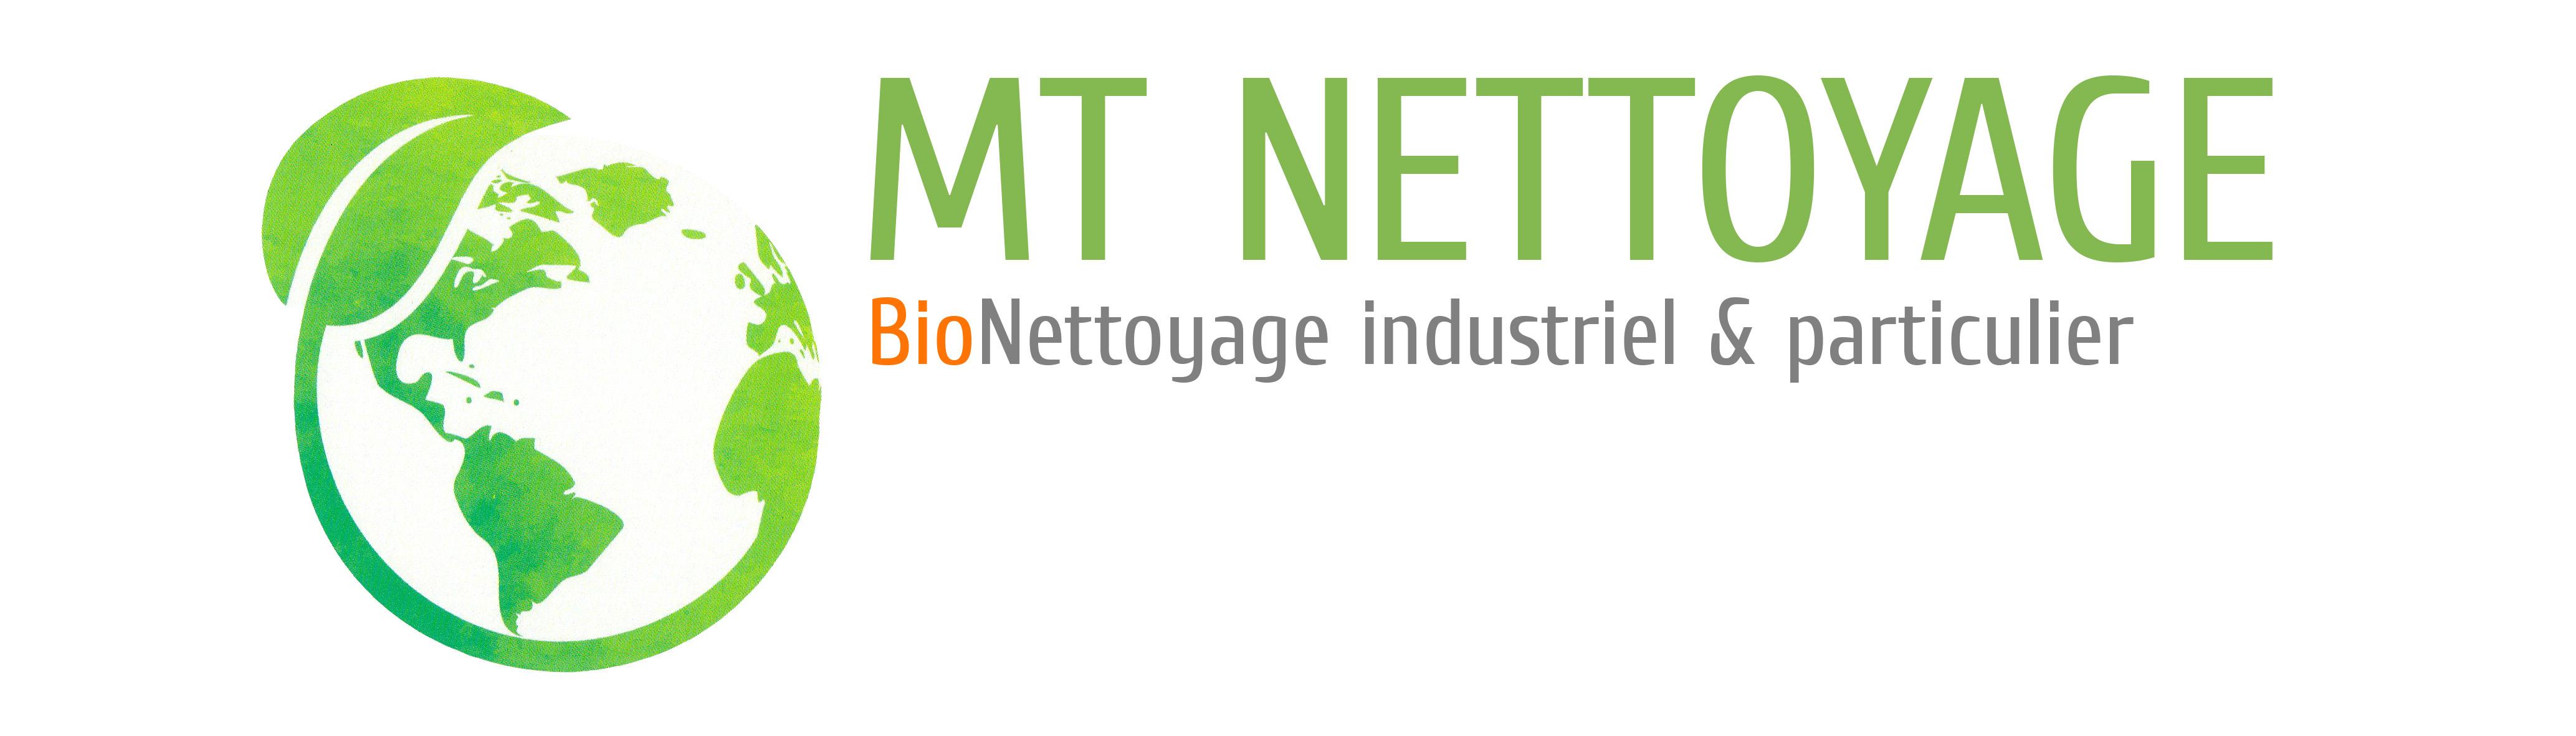 MT NETTOYAGE